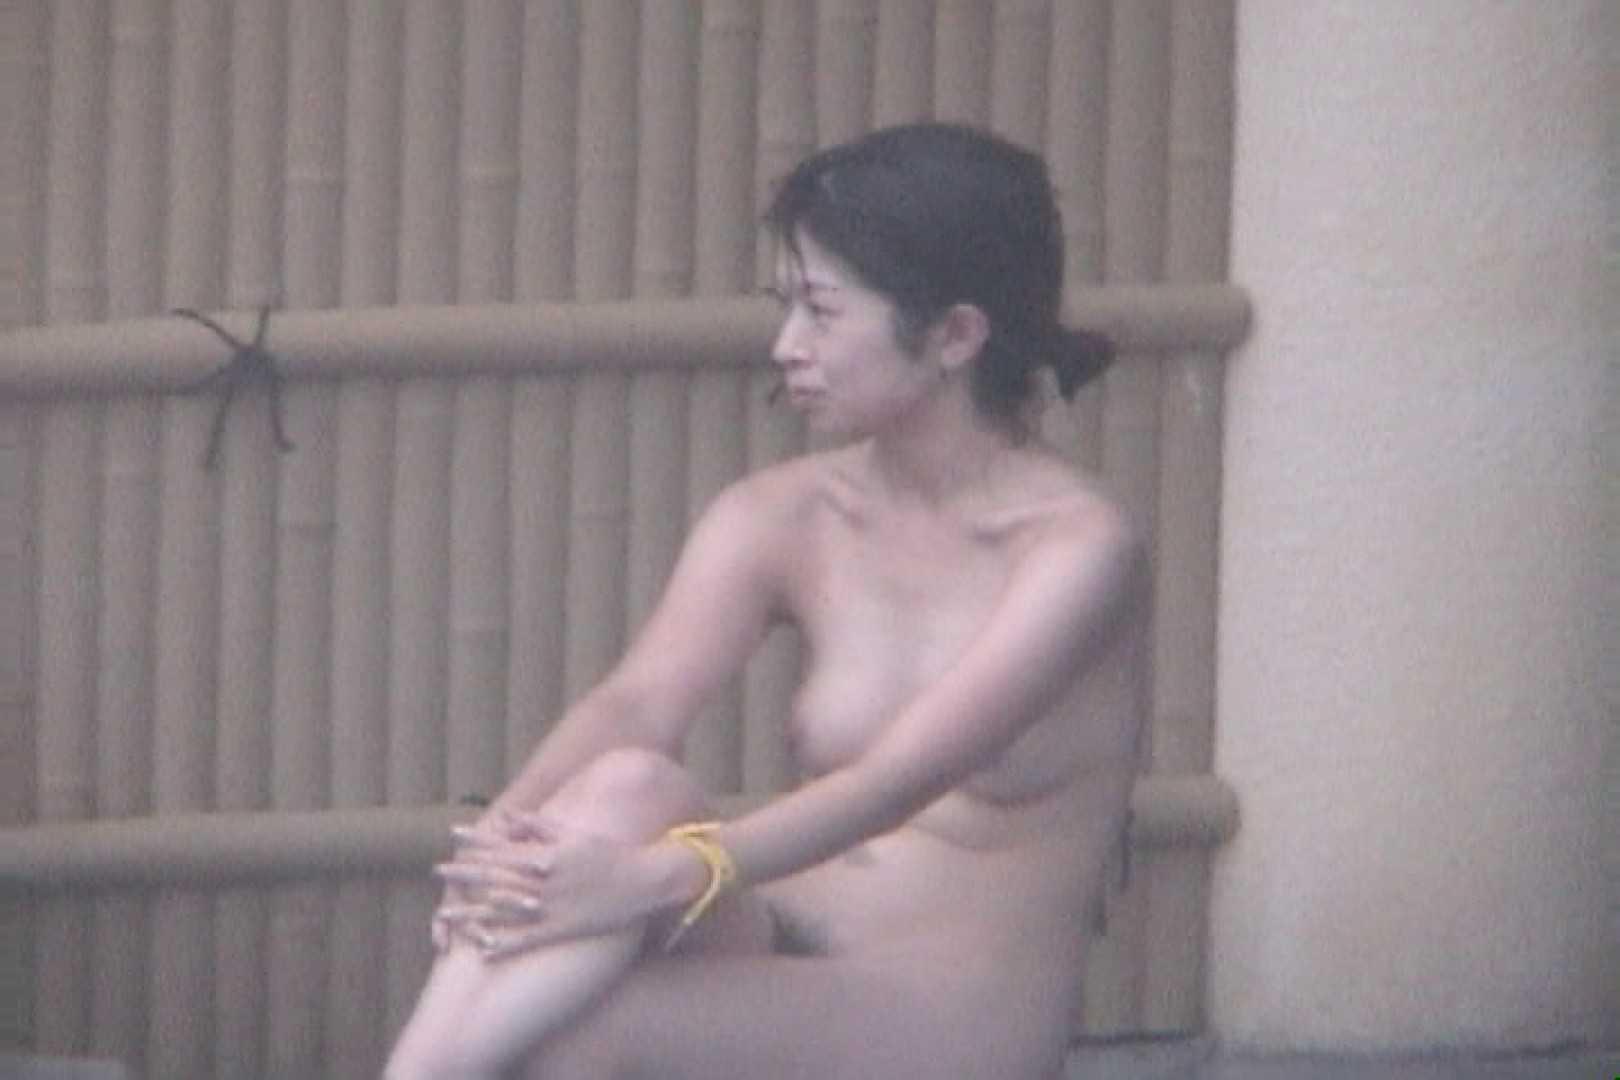 Aquaな露天風呂Vol.82【VIP限定】 盗撮 | 露天  87pic 31